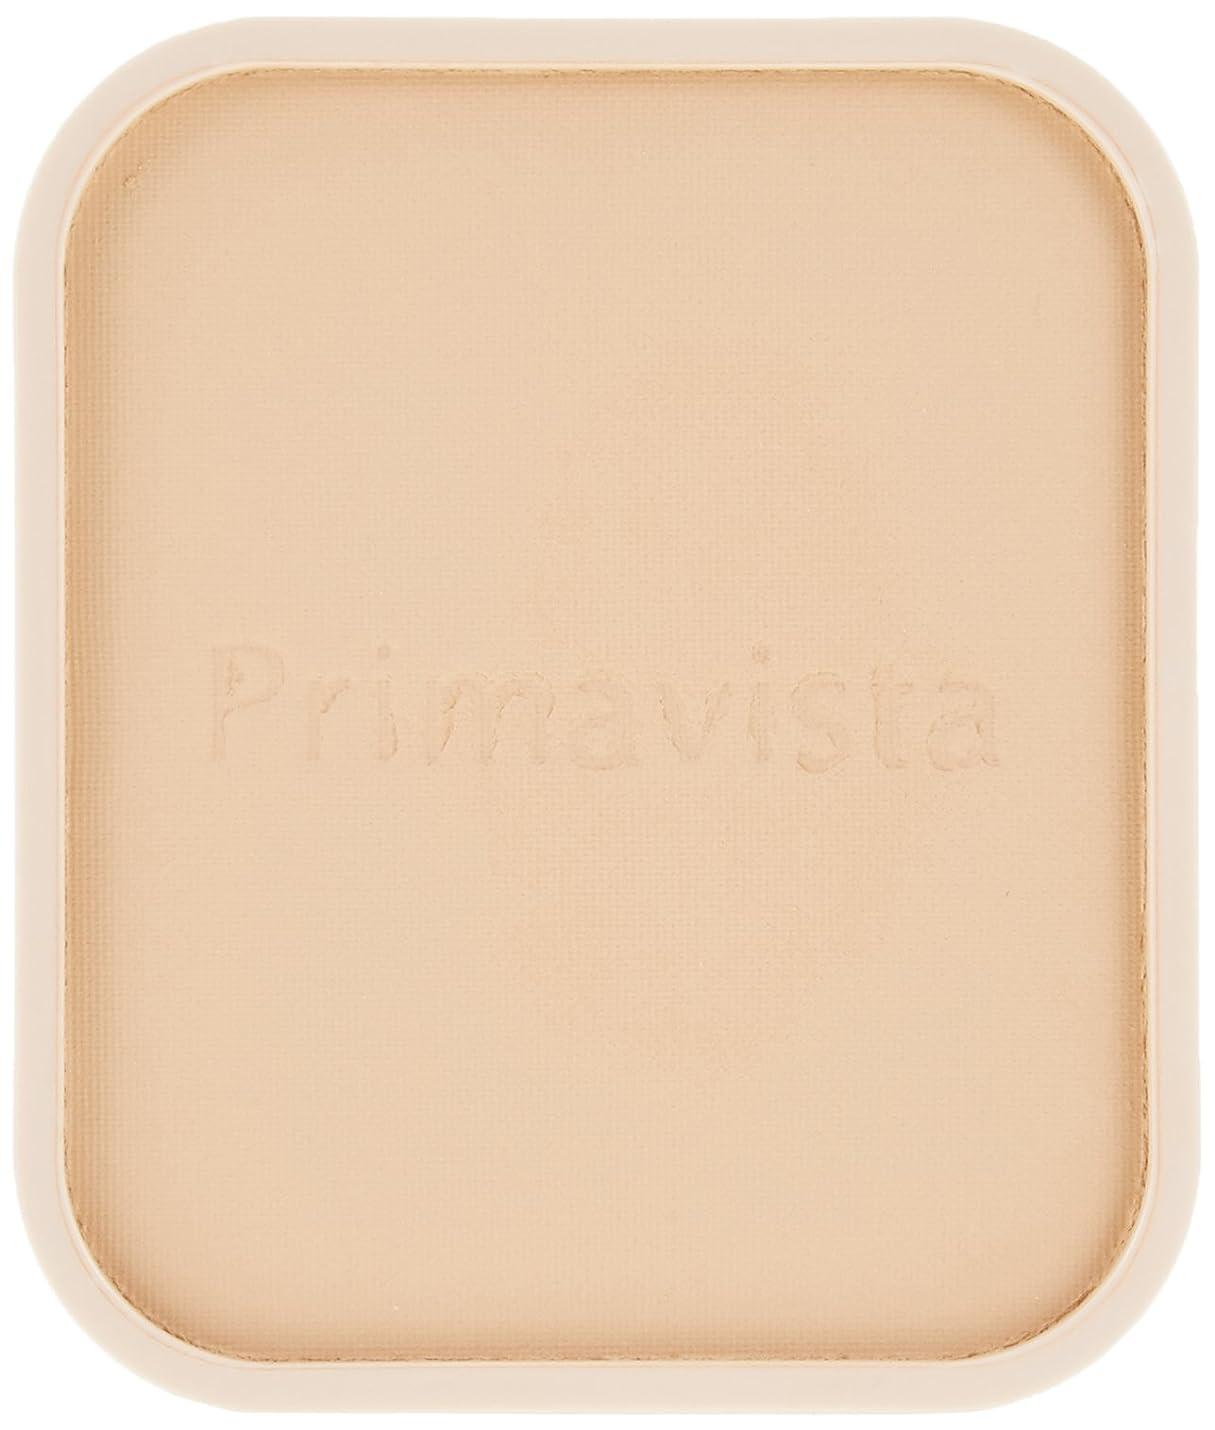 ひもスタジアム小さなソフィーナ プリマヴィスタ くずれにくい 化粧のり実感パウダーファンデーションUV ベージュオークル03 レフィル